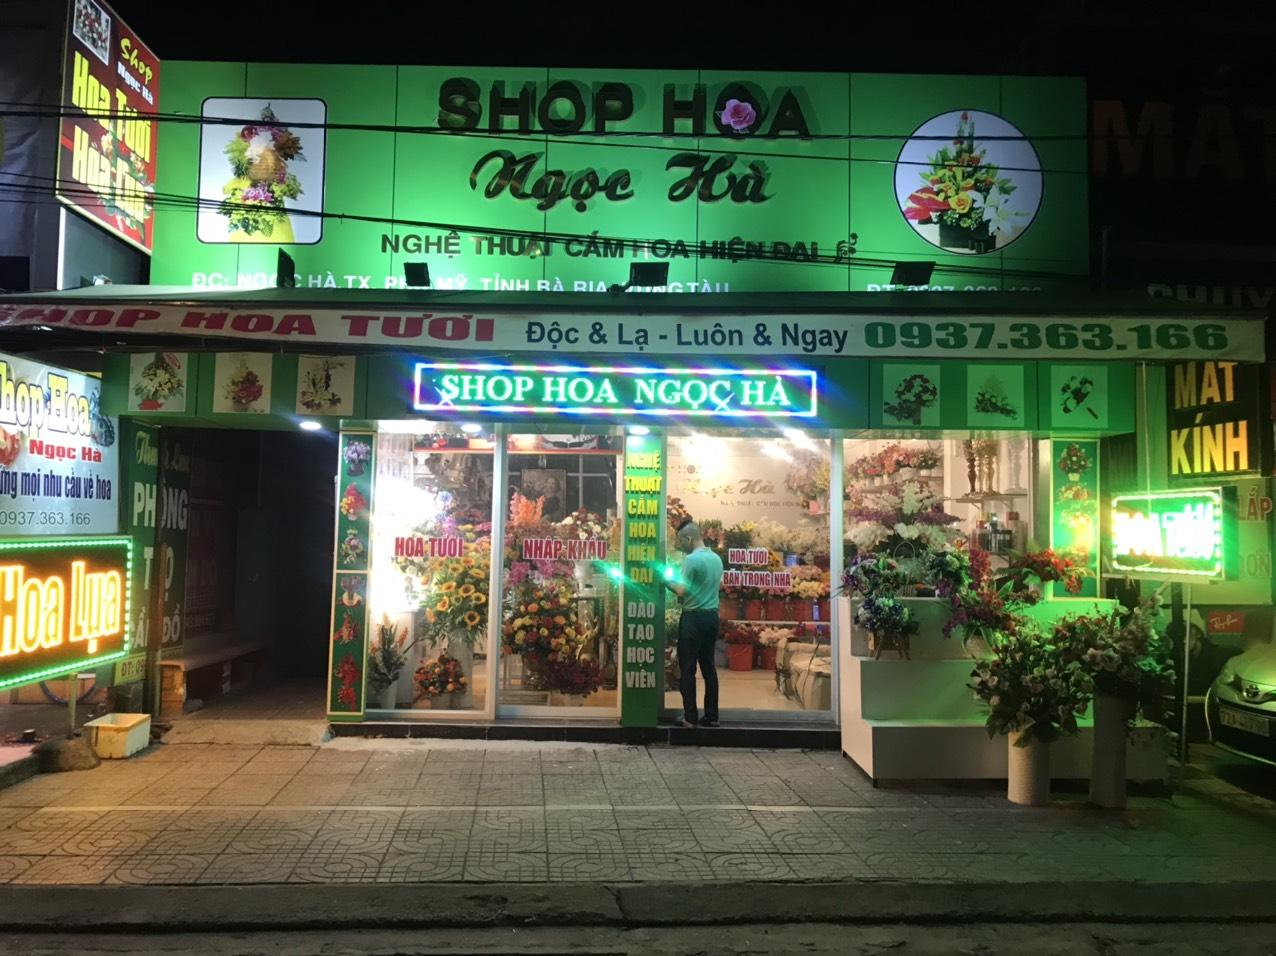 Shop hoa tươi ngọc hà phú mỹ